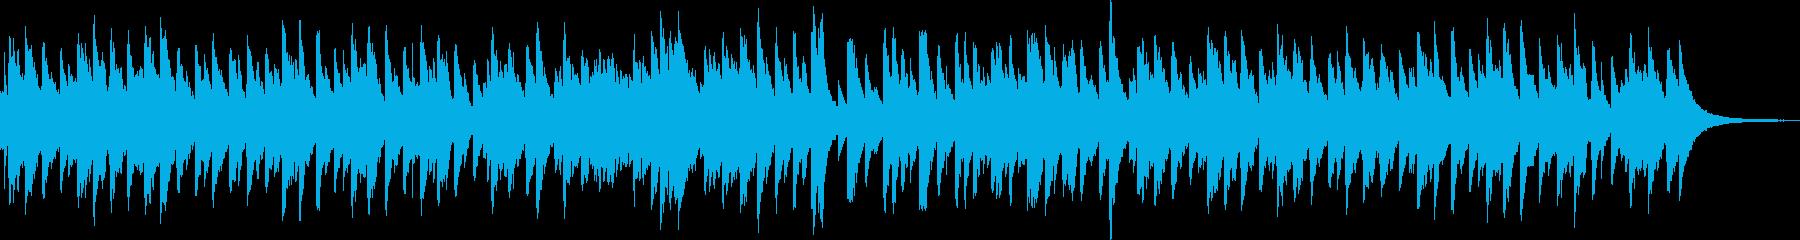 ガボット ゴセックの再生済みの波形